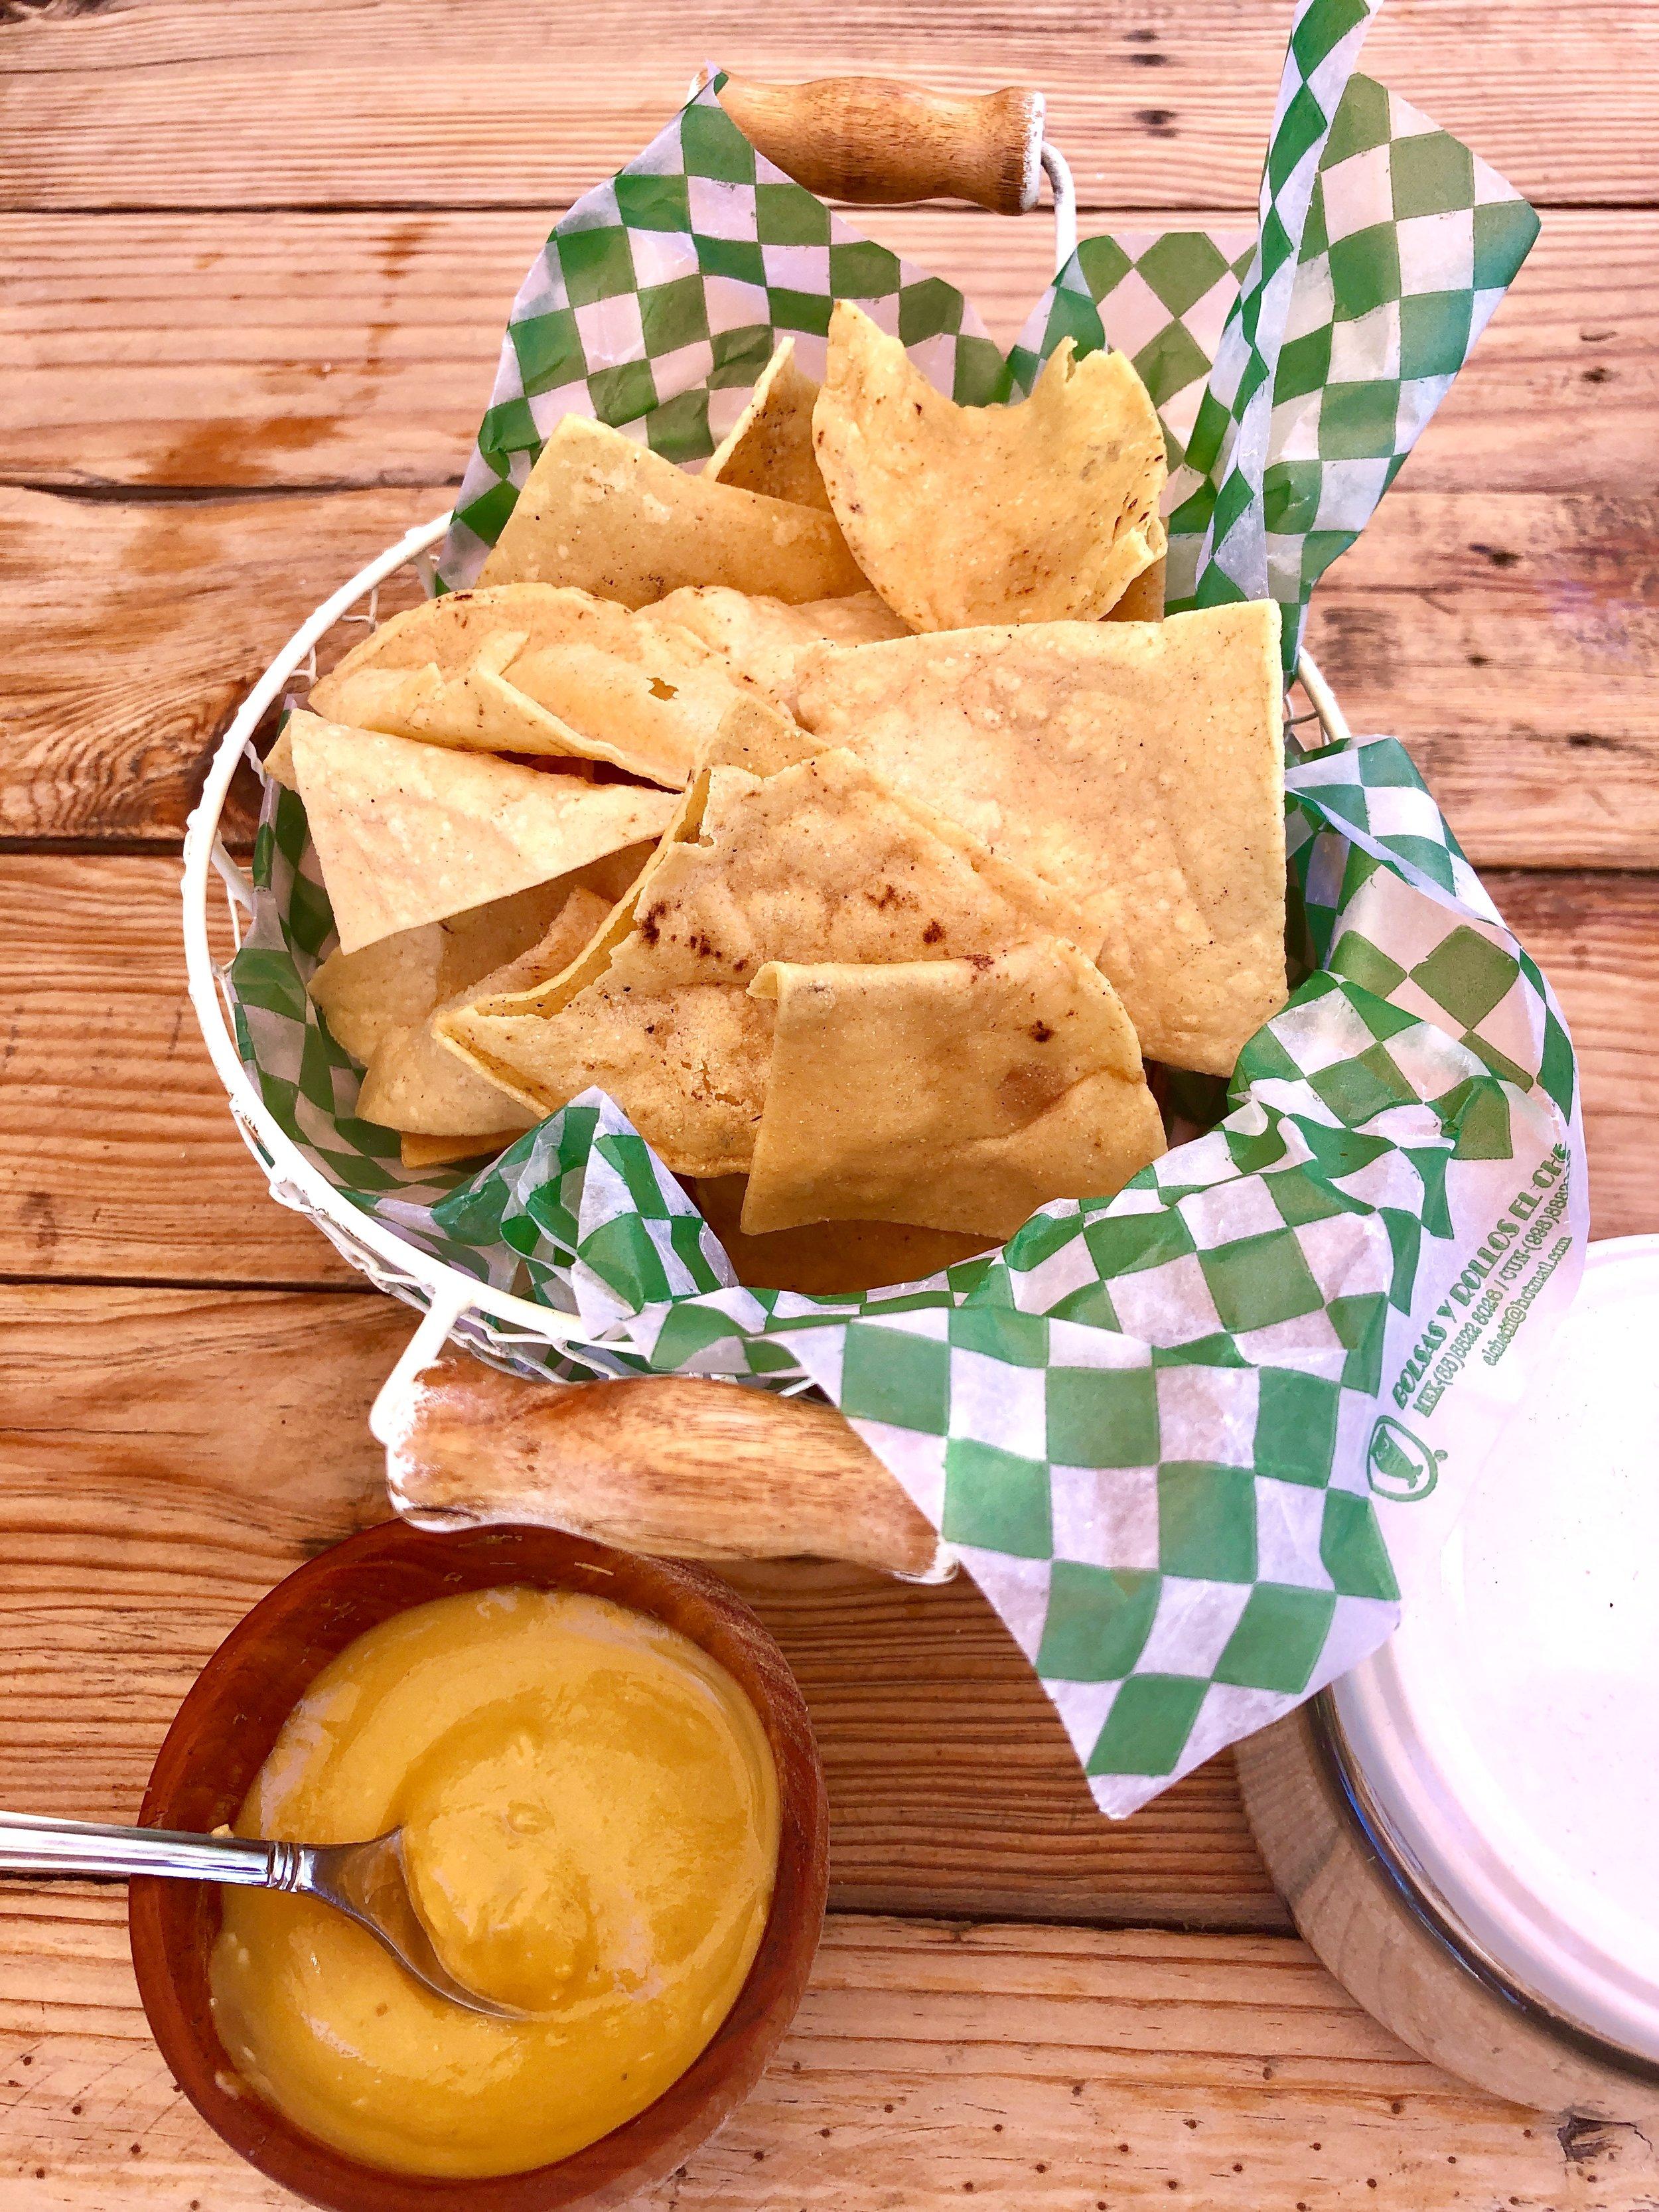 トルティーヤチップス、毎日トルティーヤを乾燥させ、カラッと揚げるかトーストしてつくっている。タコスもトスターダもトルティーヤもコーンが原料だから、今時のグルテンフリーにはちょうど良いね、なんて思いながら。黄色いサルサは激辛のハバネロ。